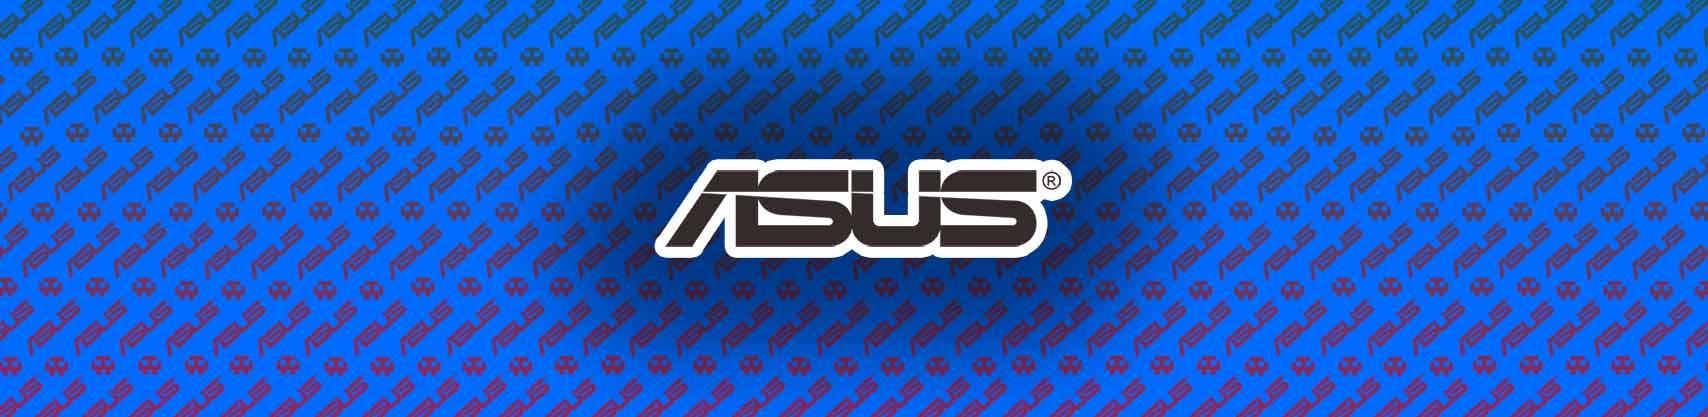 Asus RT-AC3100 Manual